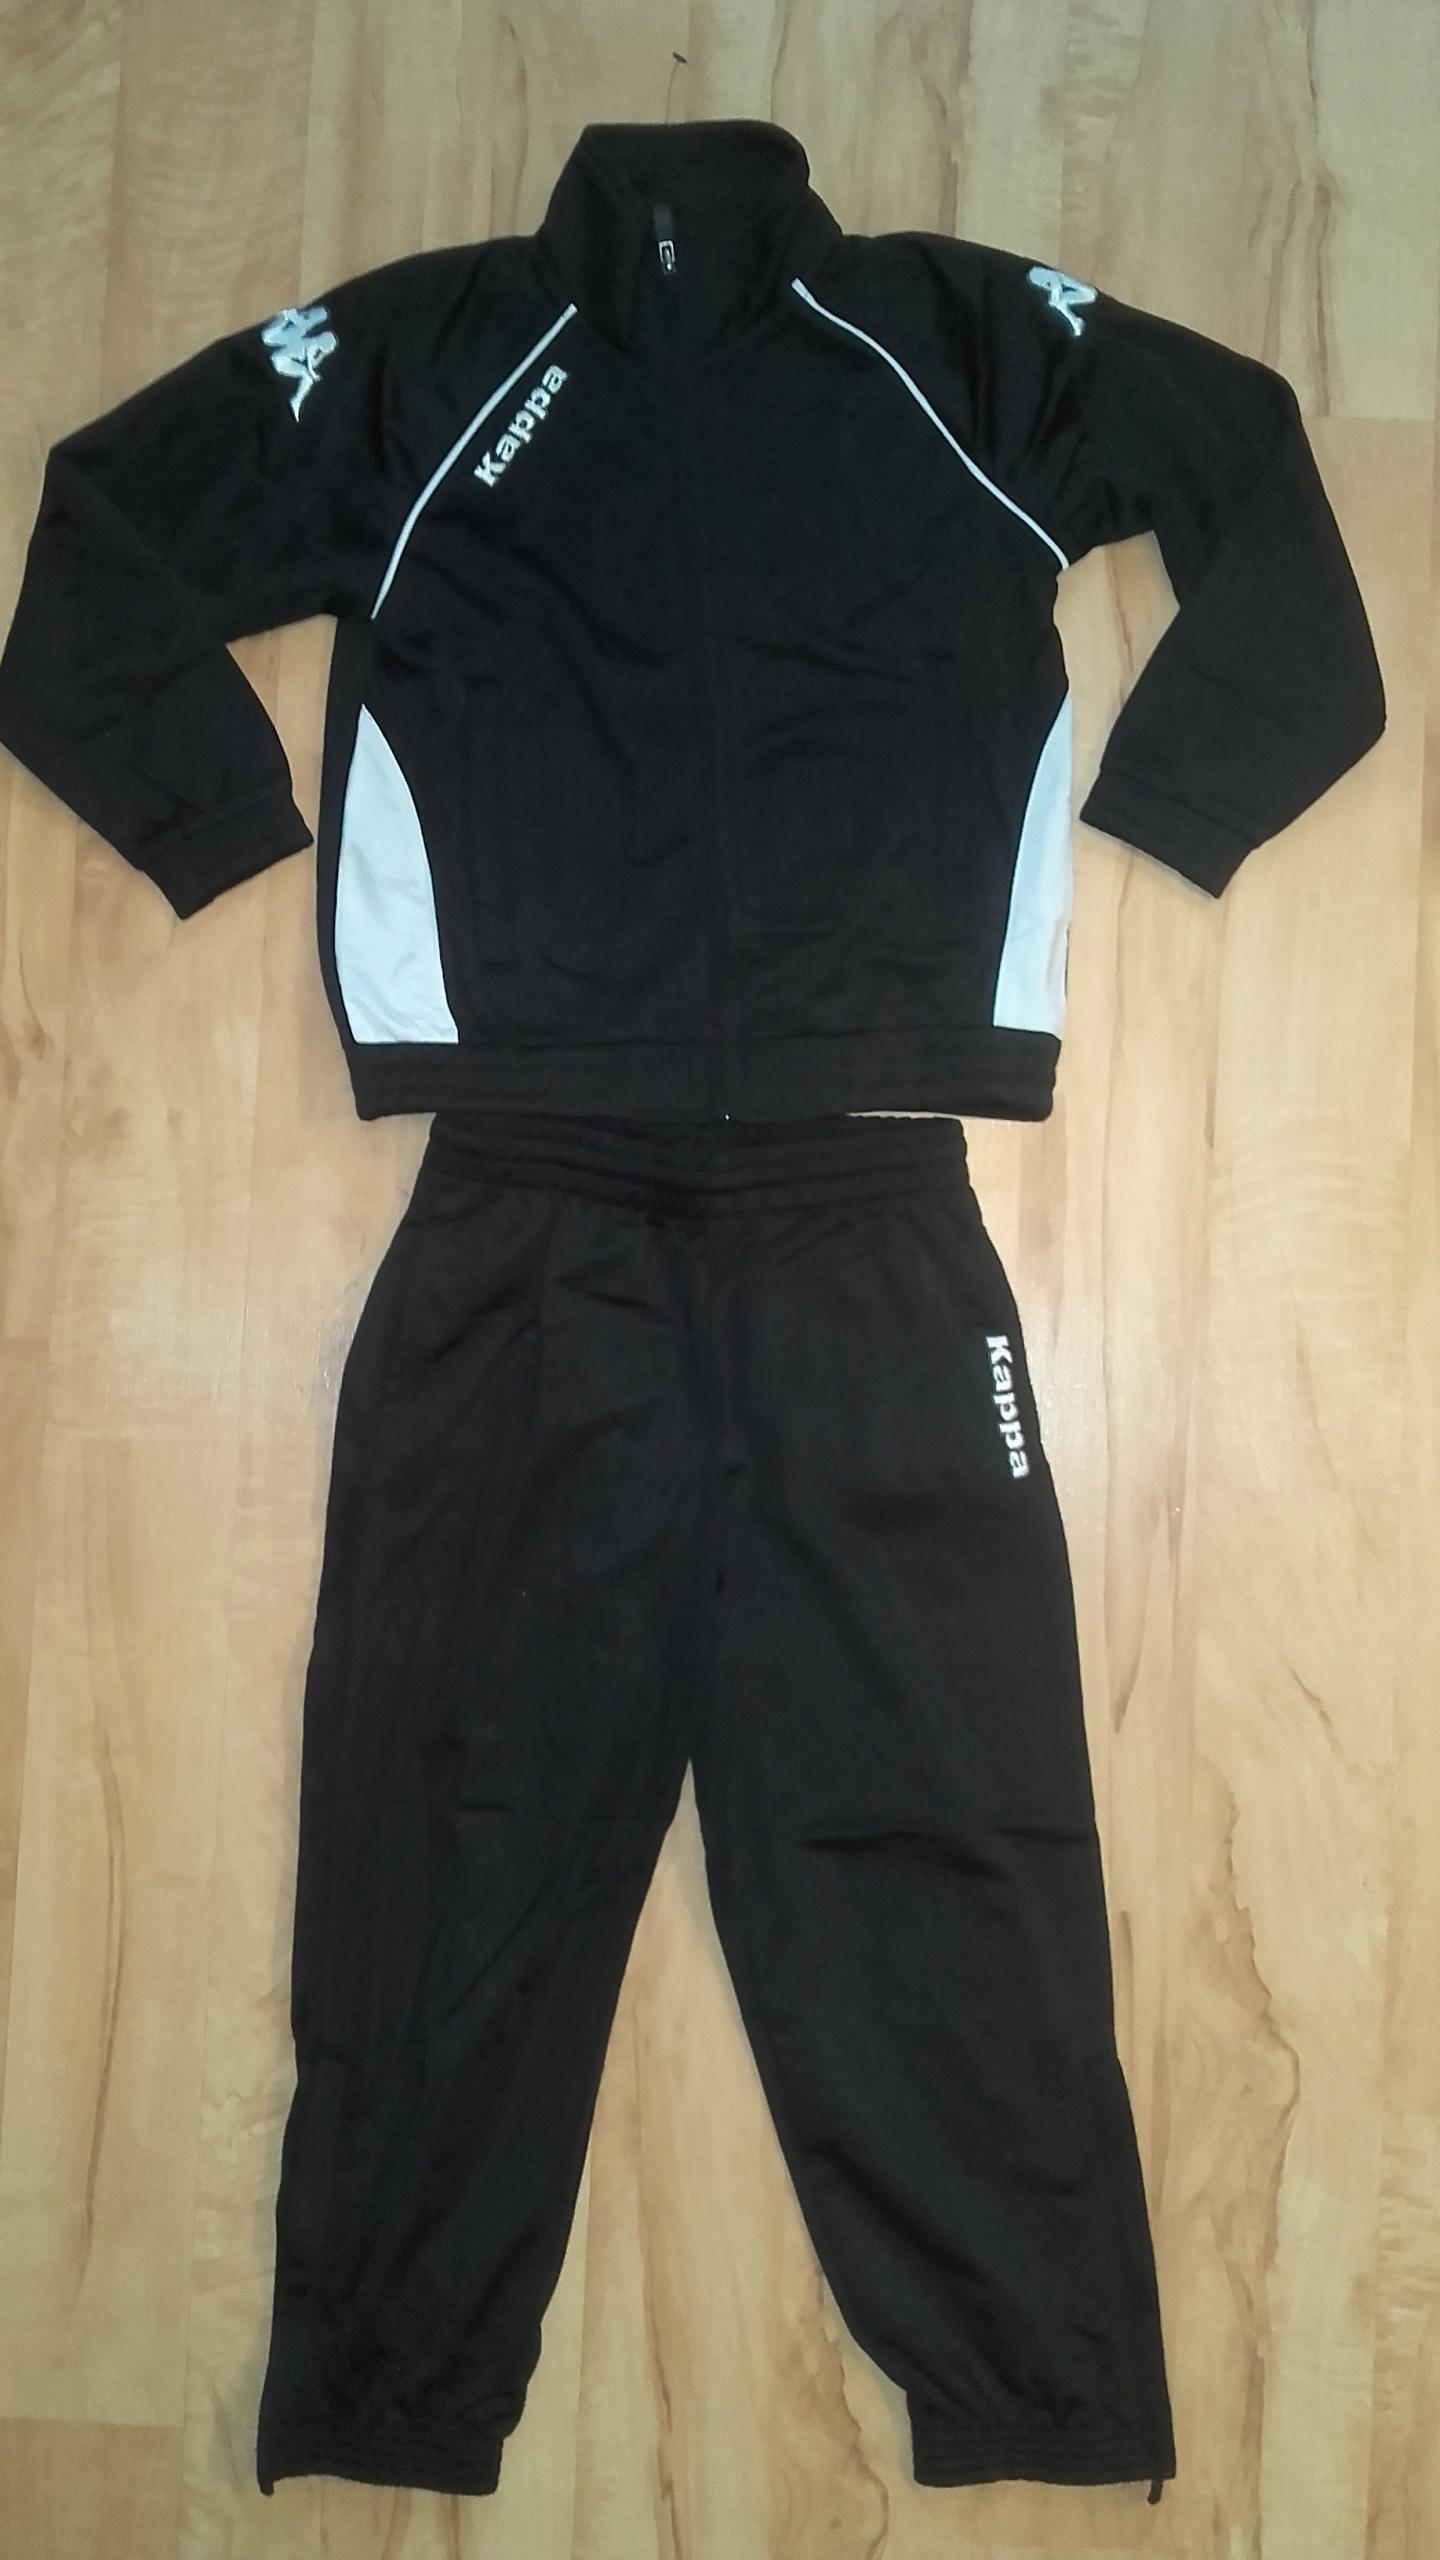 Kappa Dres bluza + spodnie 5-6 lat 110-116 cm